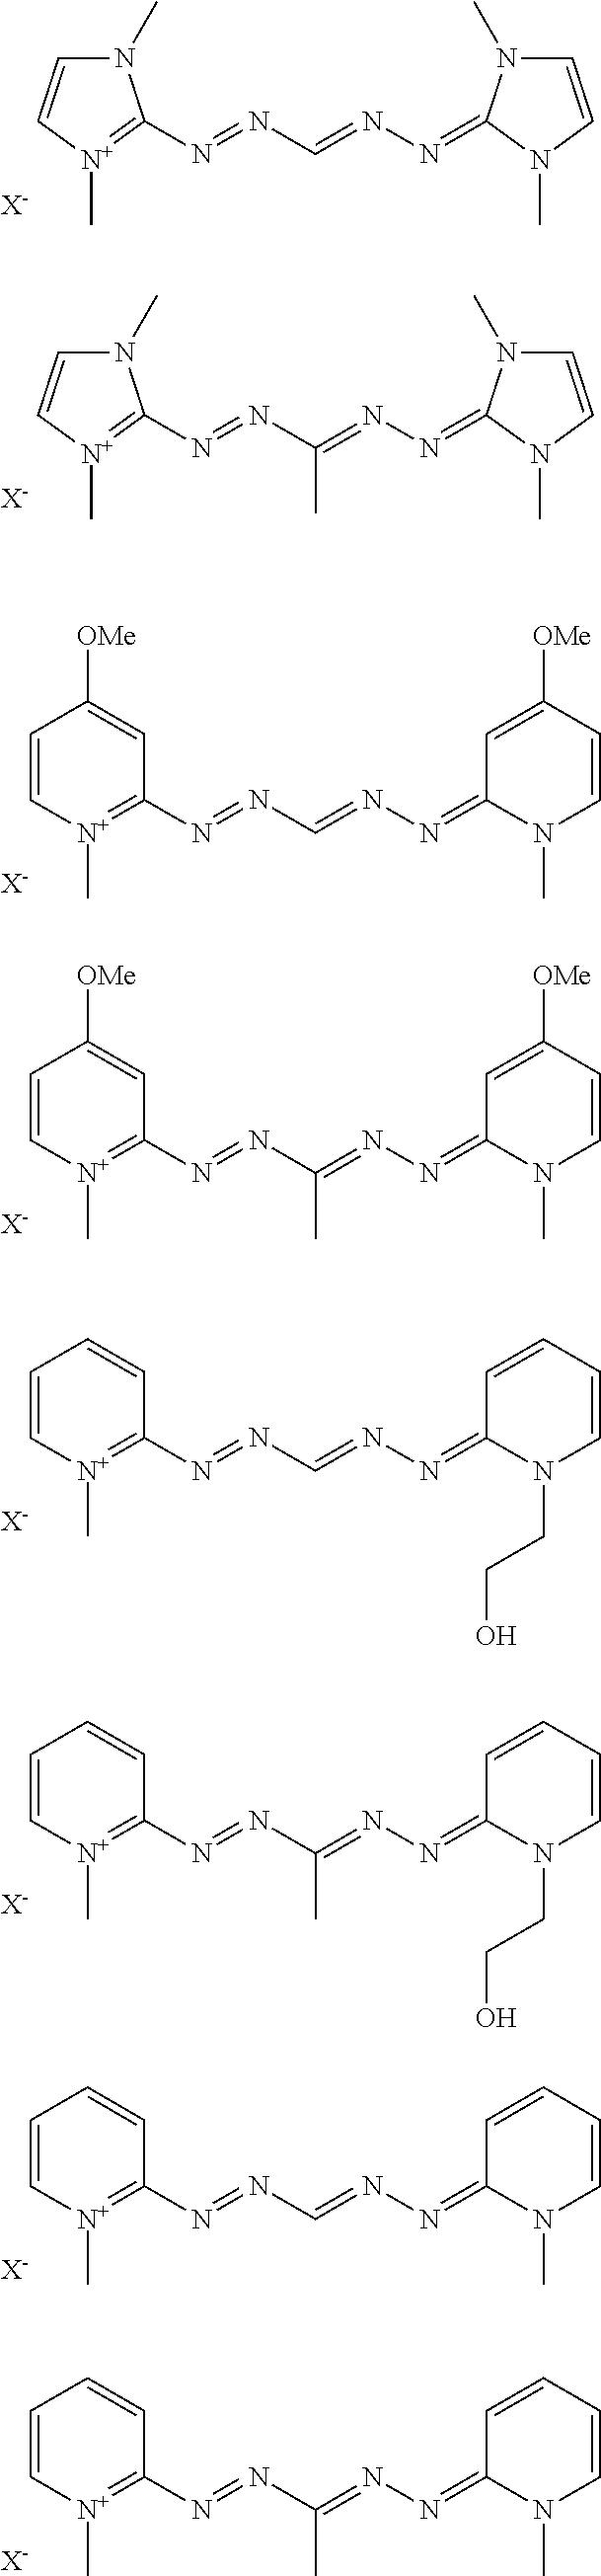 Figure US08088173-20120103-C00014